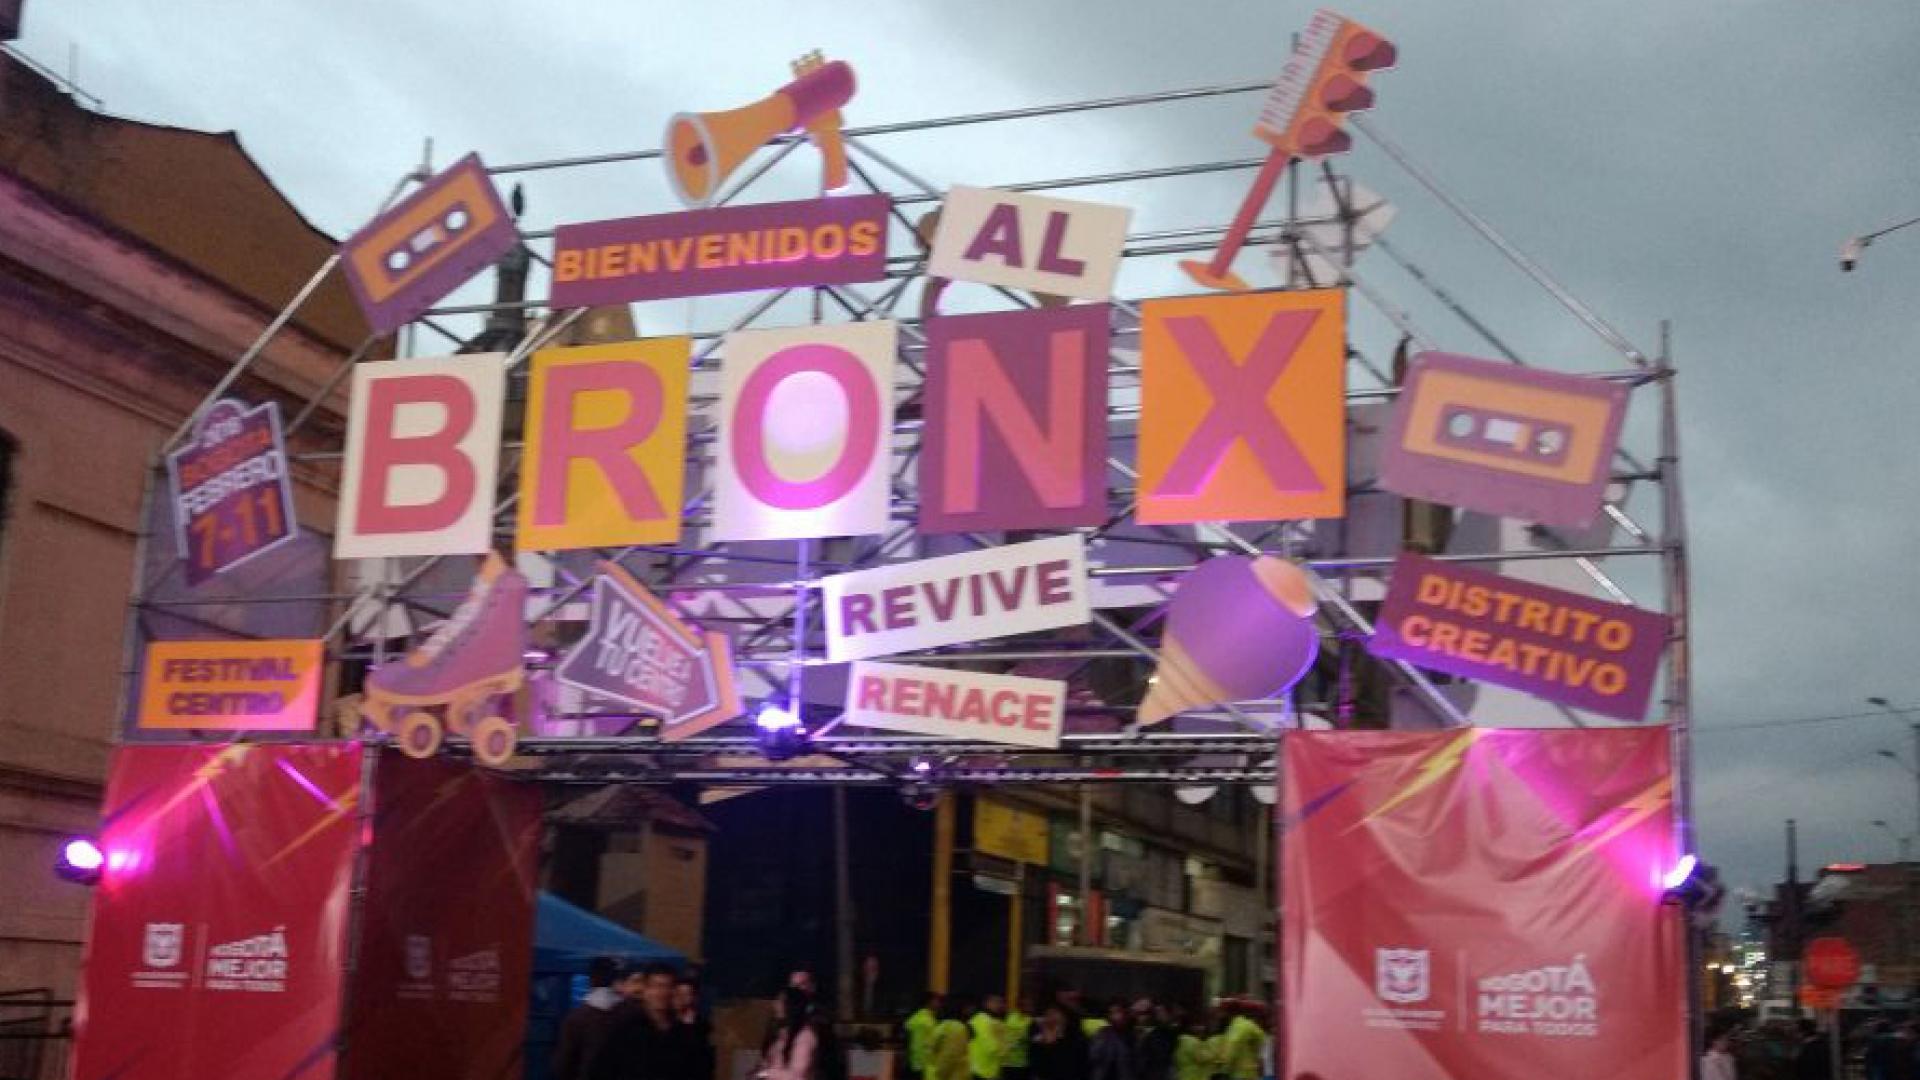 Fachada de la puerta a la calle conocida como 'La Milla', donde se celebró el Festival Centro. Crédito: Sebastián López